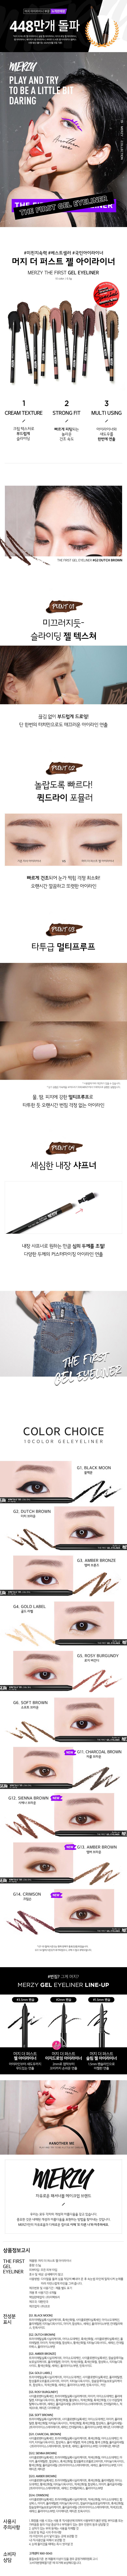 머지(MERZY) [세트]더 퍼스트 젤 아이라이너 10종 (2개)